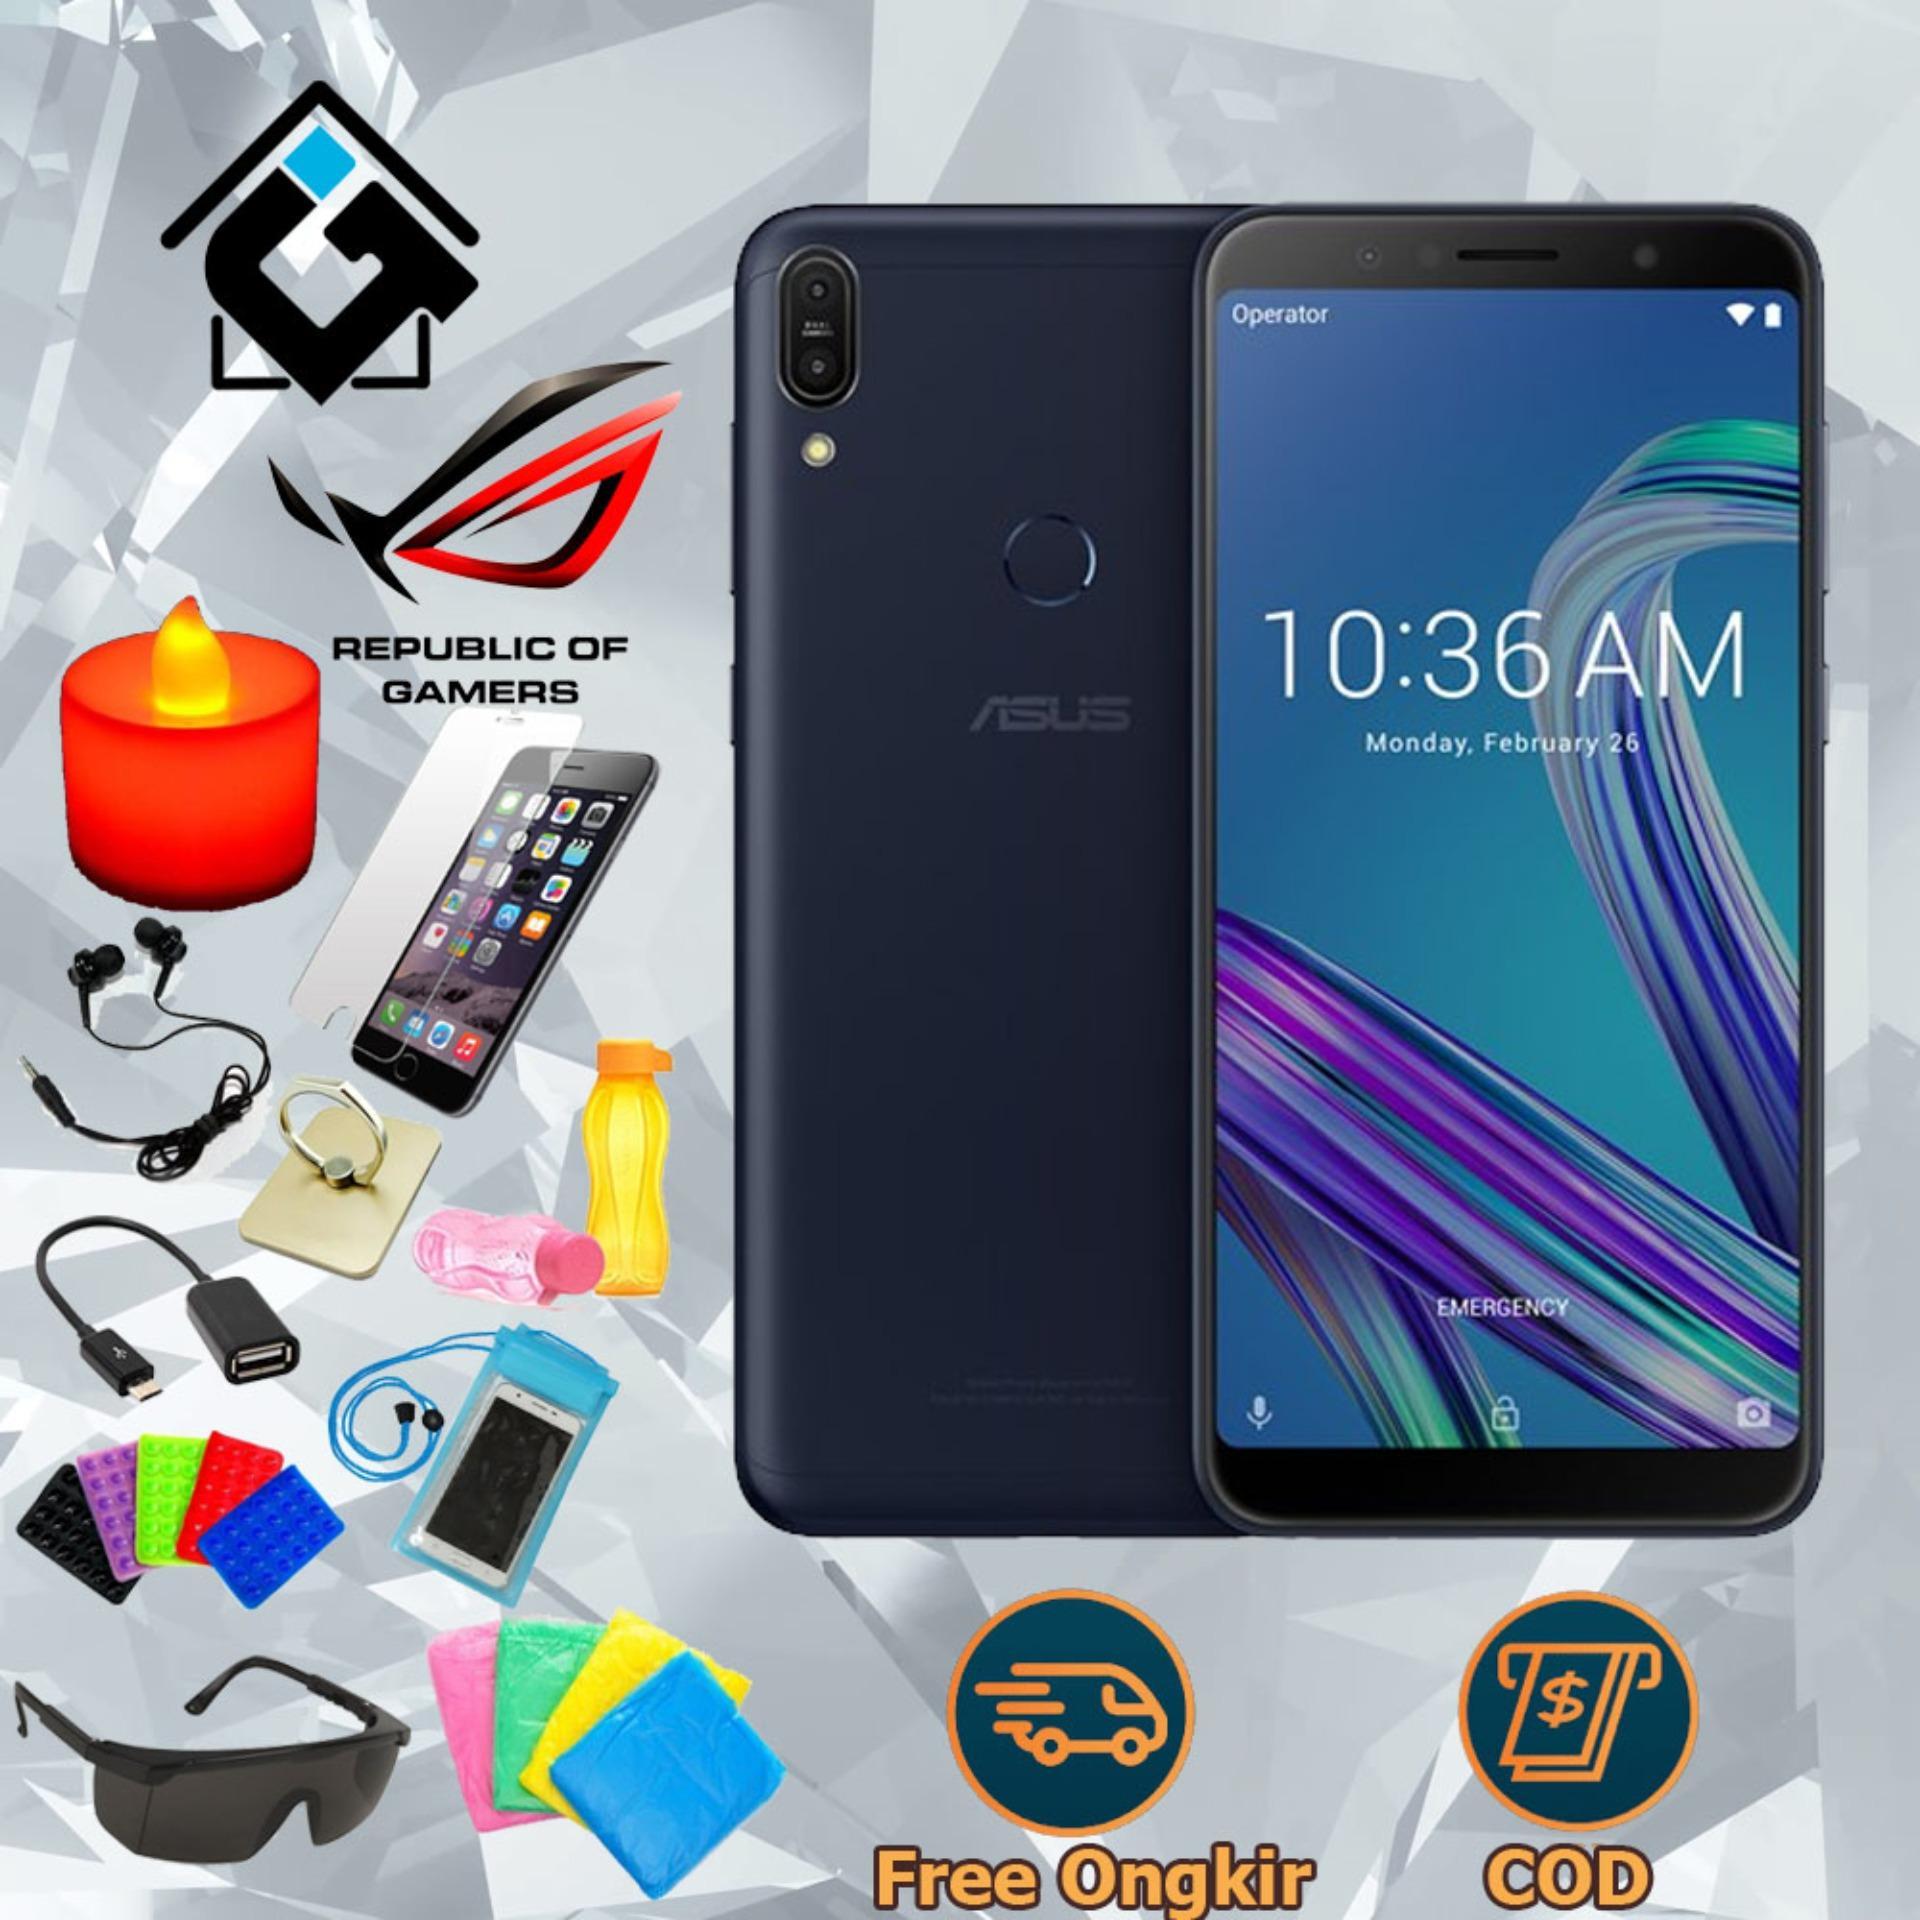 Jual Handphone Asus Terbaru Lazada Co Id